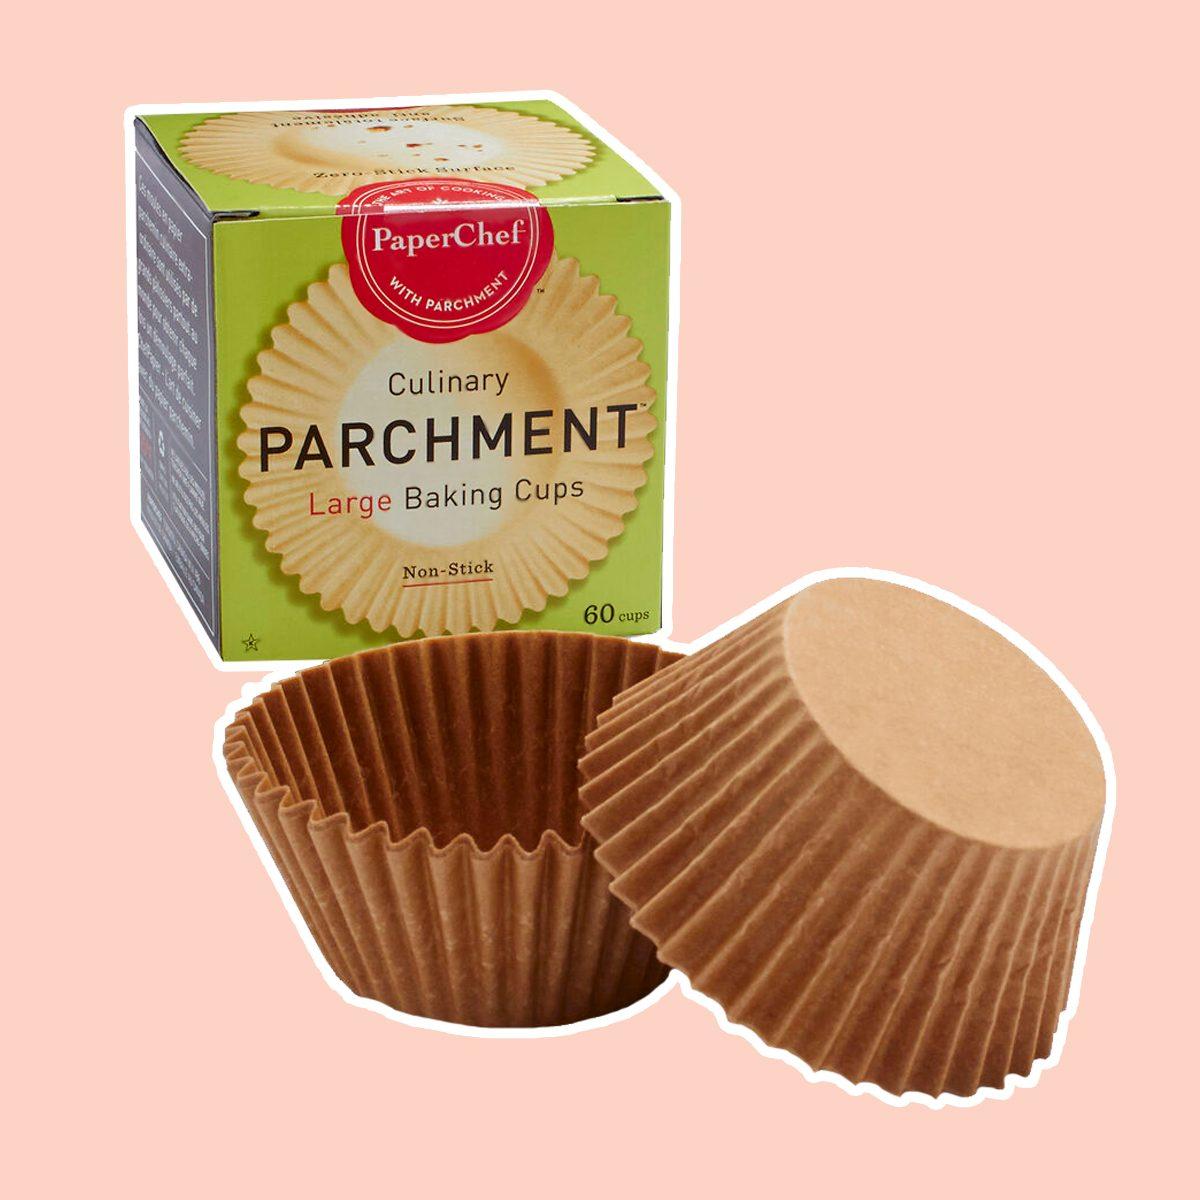 PAPERCHEF PARCHMENT BAKING CUPS